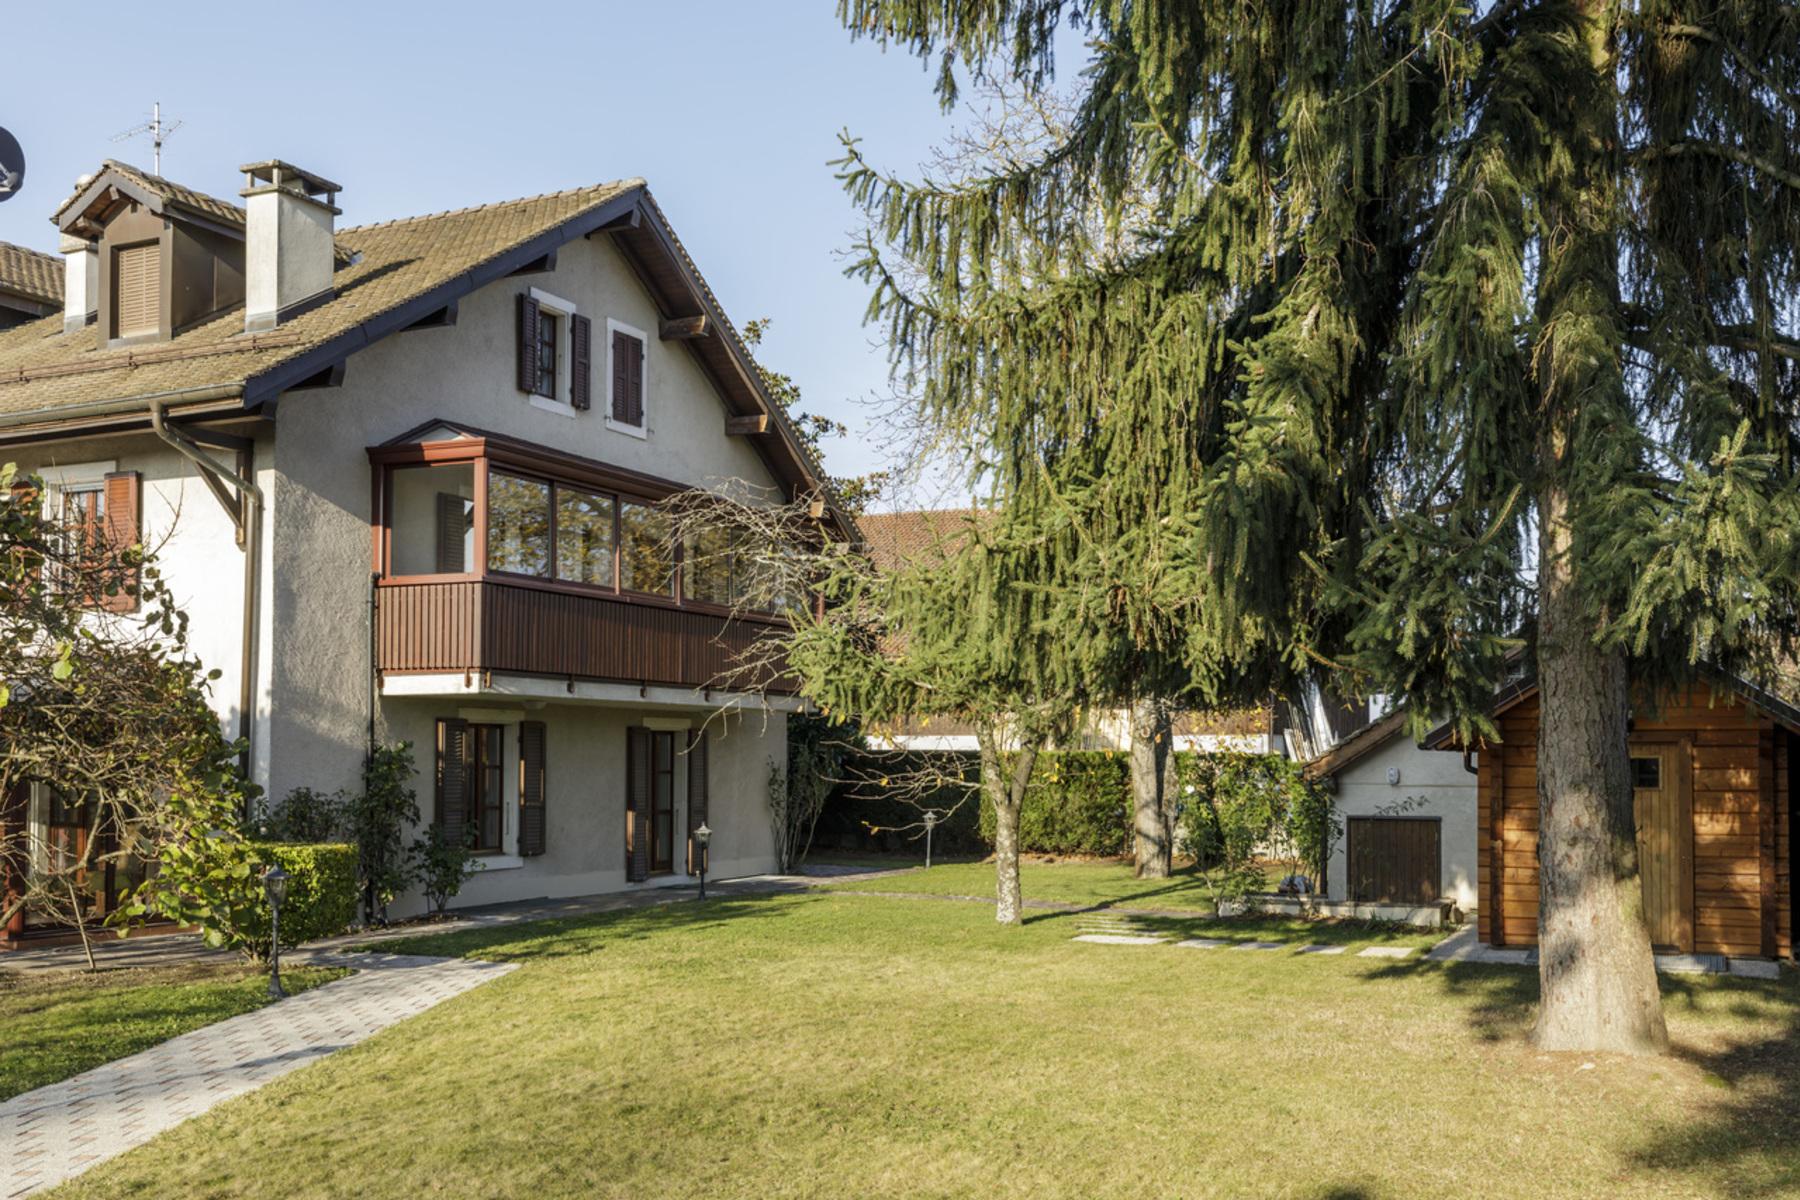 واحد منزل الأسرة للـ Sale في Rural property Large garden and private spa Collex, Other Switzerland, Other Areas In Switzerland, 1239 Switzerland